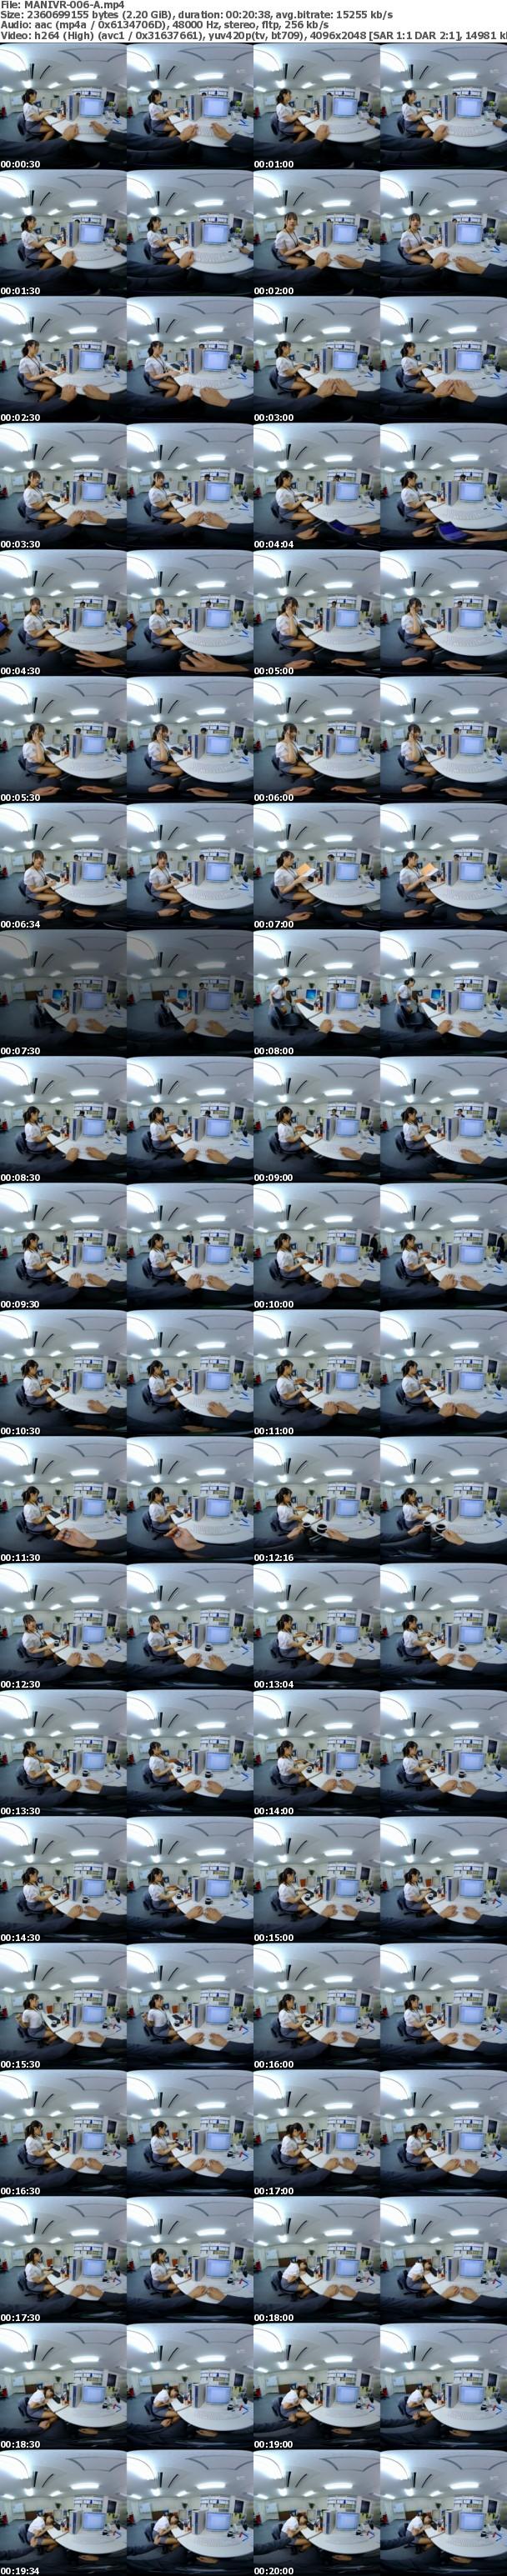 (VR) MANIVR-006 ムカつくけどエロいカラダしてる帰国子女のインテリ同僚を眠剤で寝かせて中出し!起きても追い射ち中出し!!